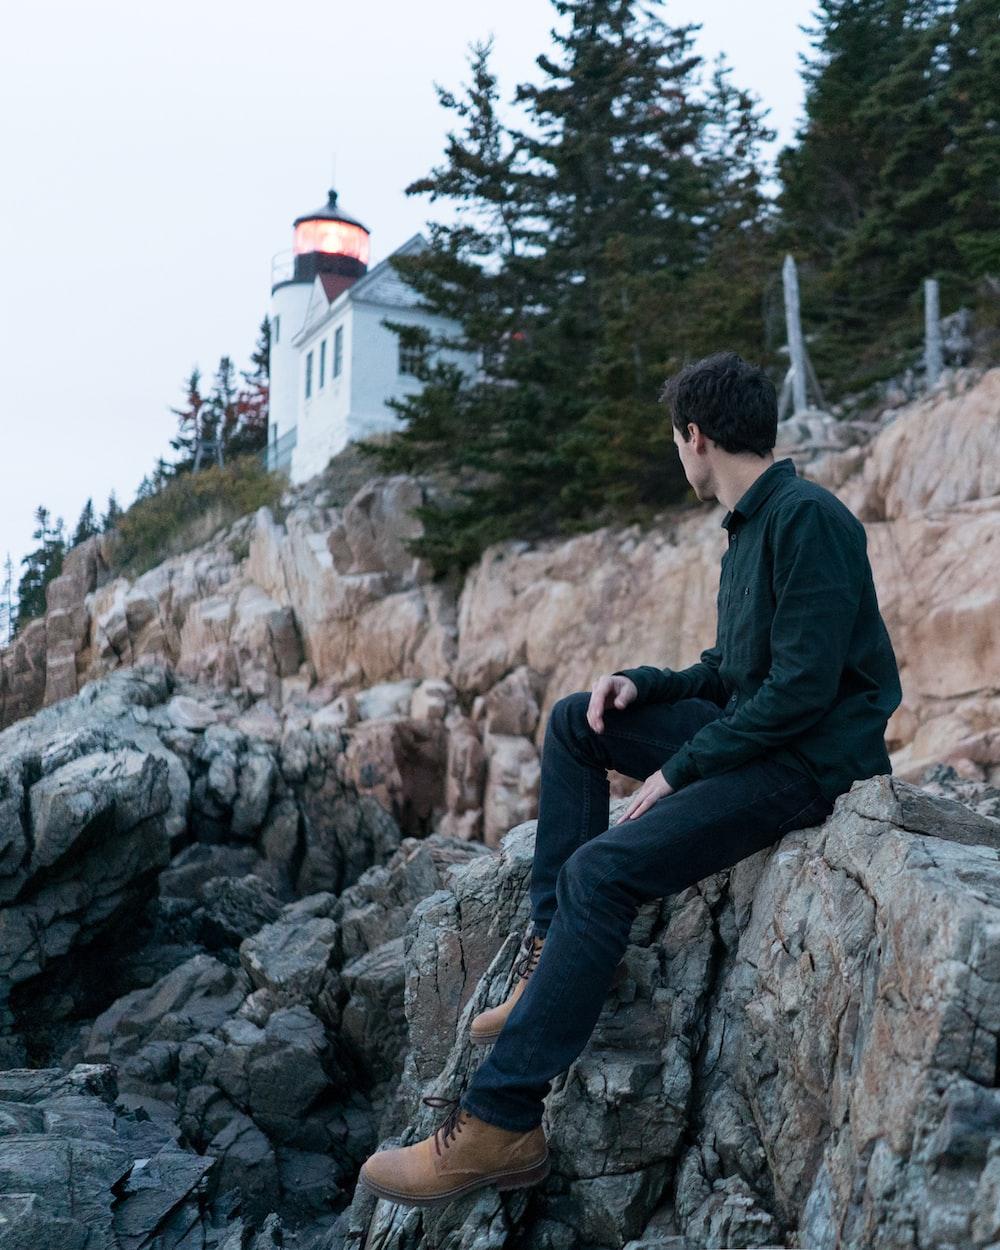 man wearing black dress shirt sitting on rock